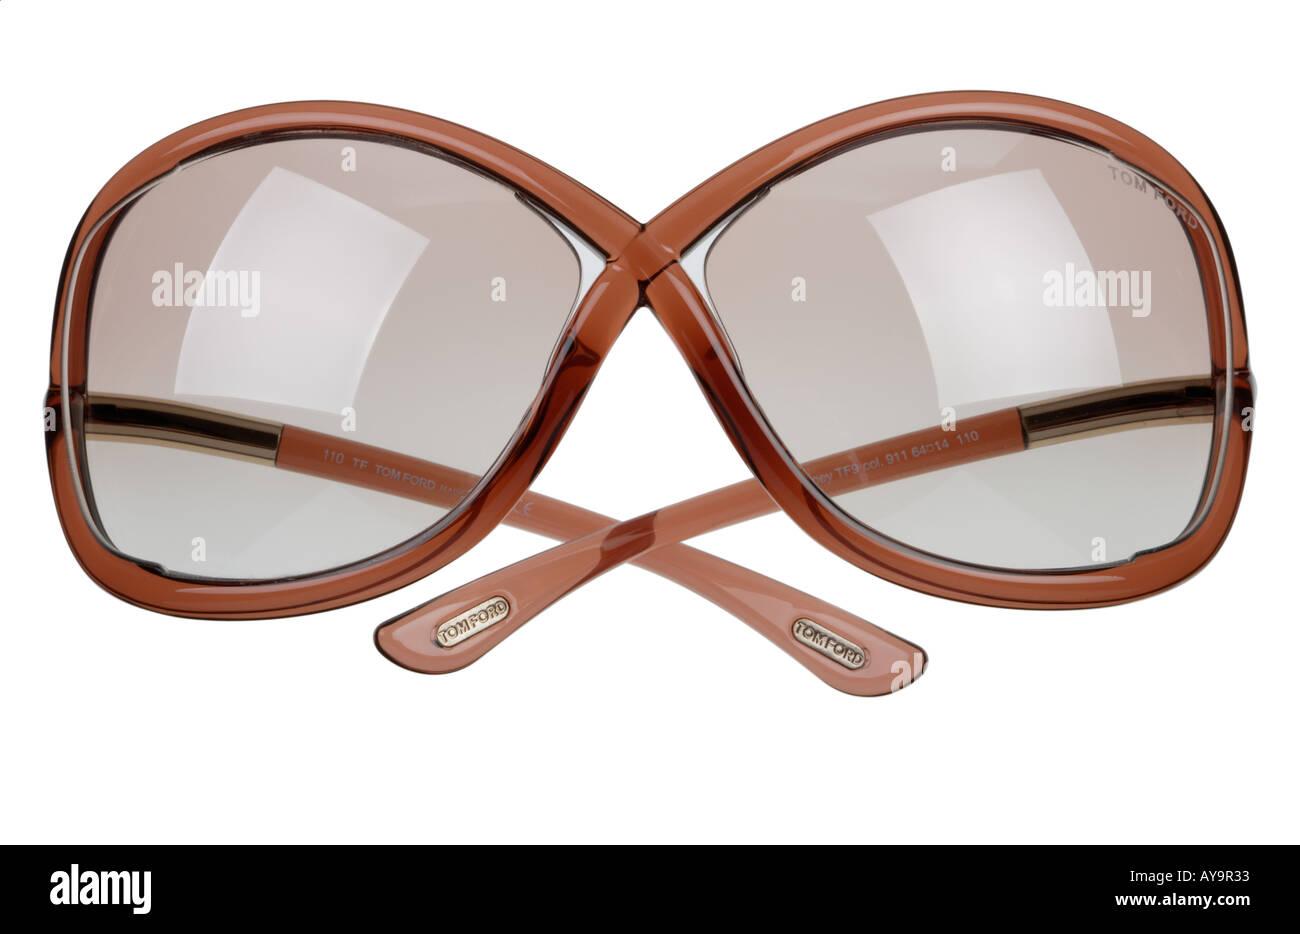 a05bdad0161 Tom Ford Sunglasses Stock Photos   Tom Ford Sunglasses Stock Images ...